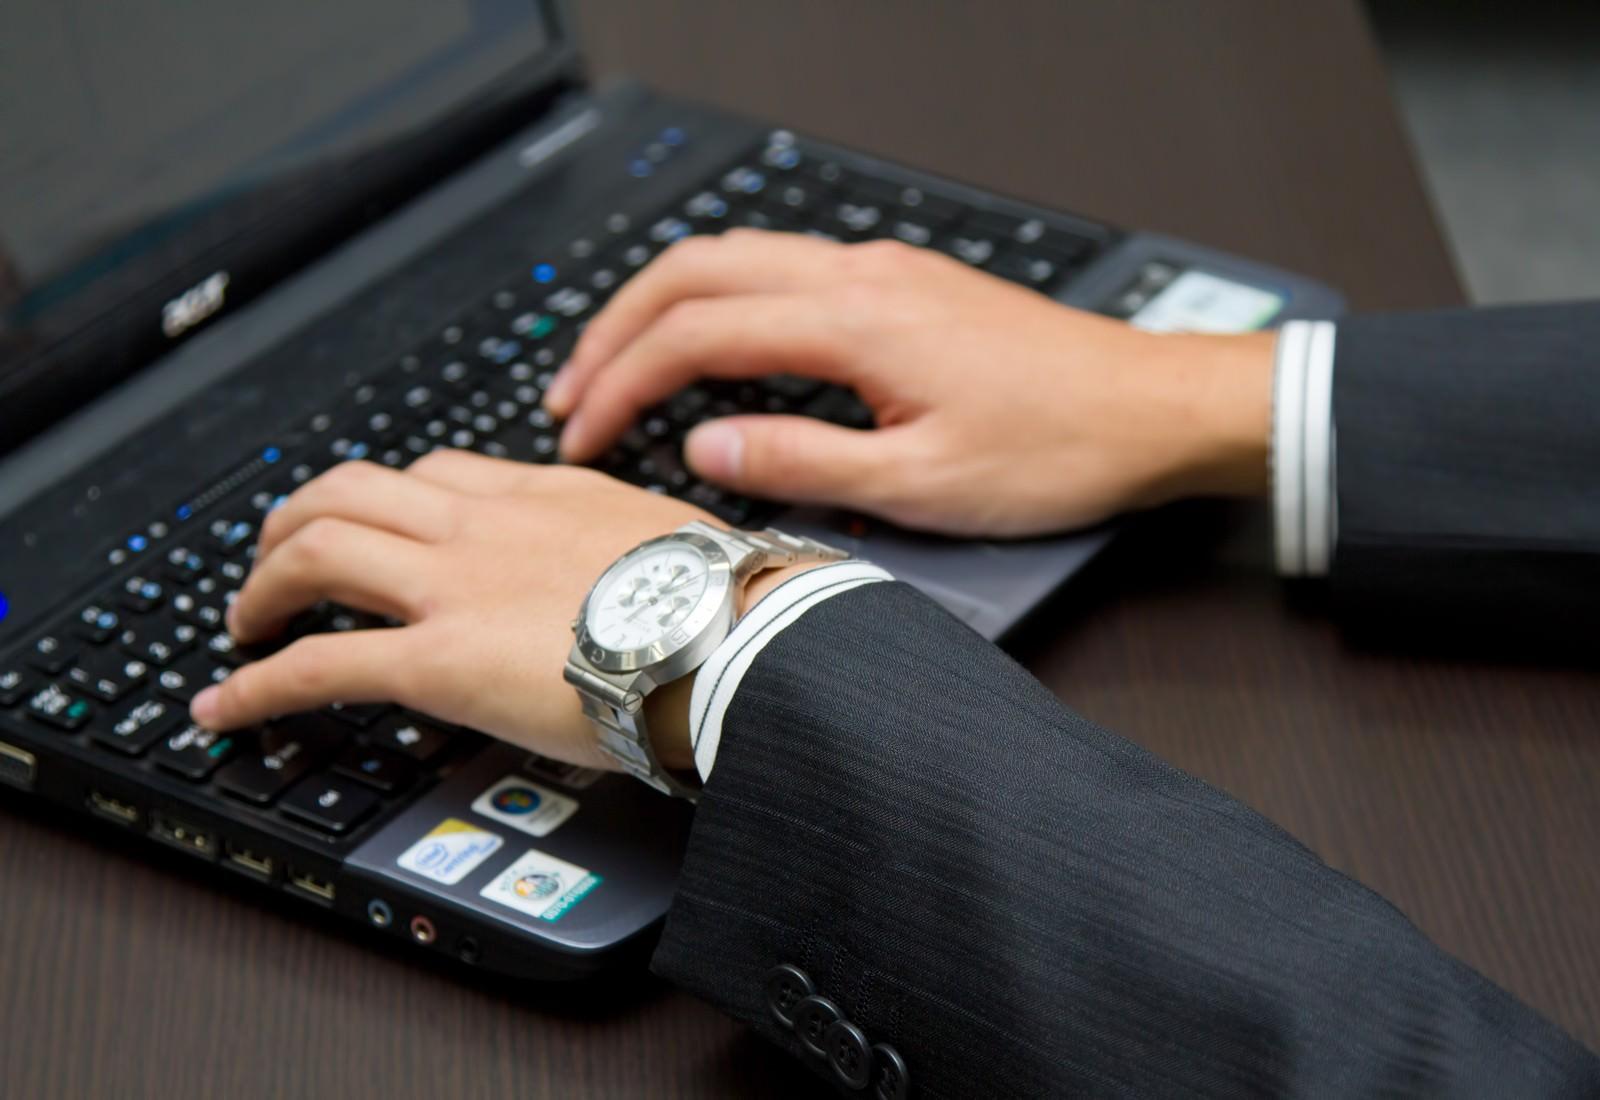 ビジネスメールの返信の例文|お礼/日程調整・件名/引用の注意点